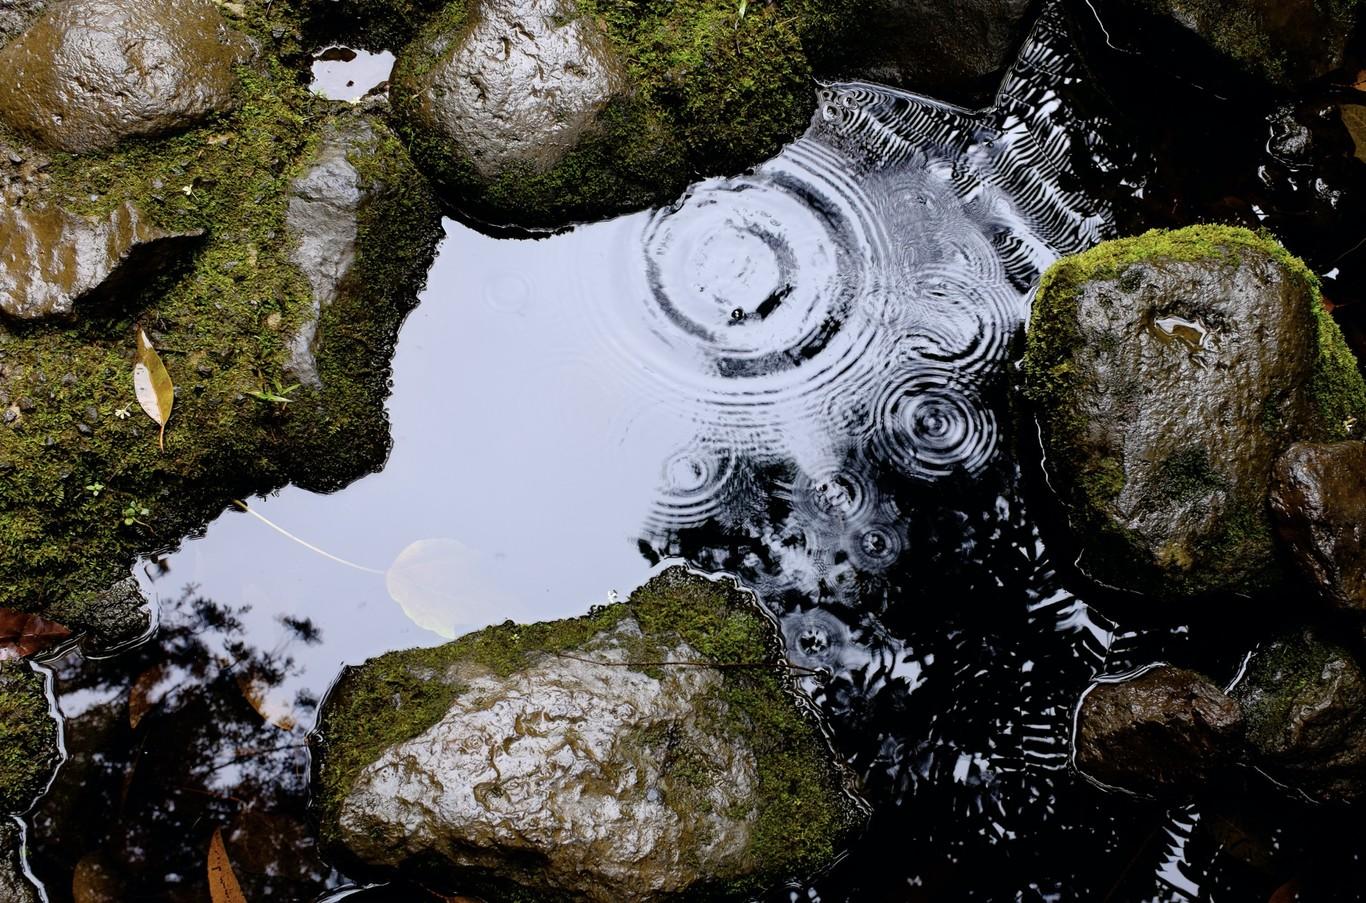 Está lloviendo plástico: cada vez se encuentran más fibras de microplásticos en muestras de lluvía